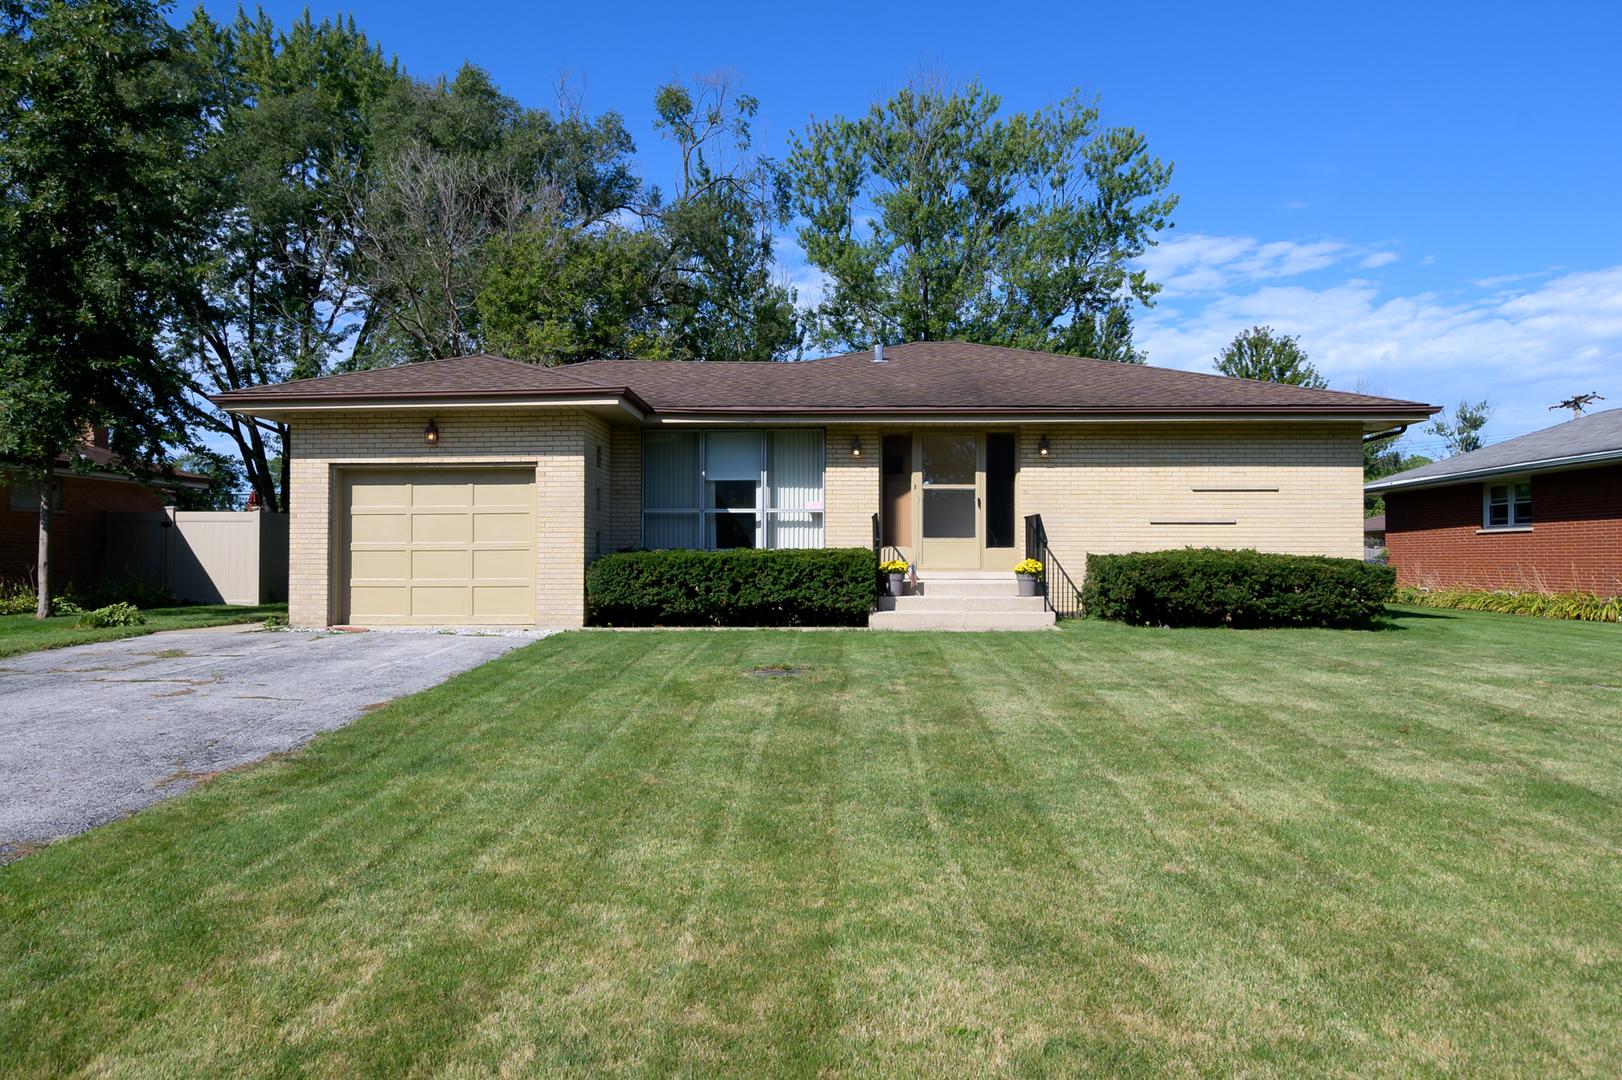 12714 South Austin, Palos Heights, Illinois, 60463